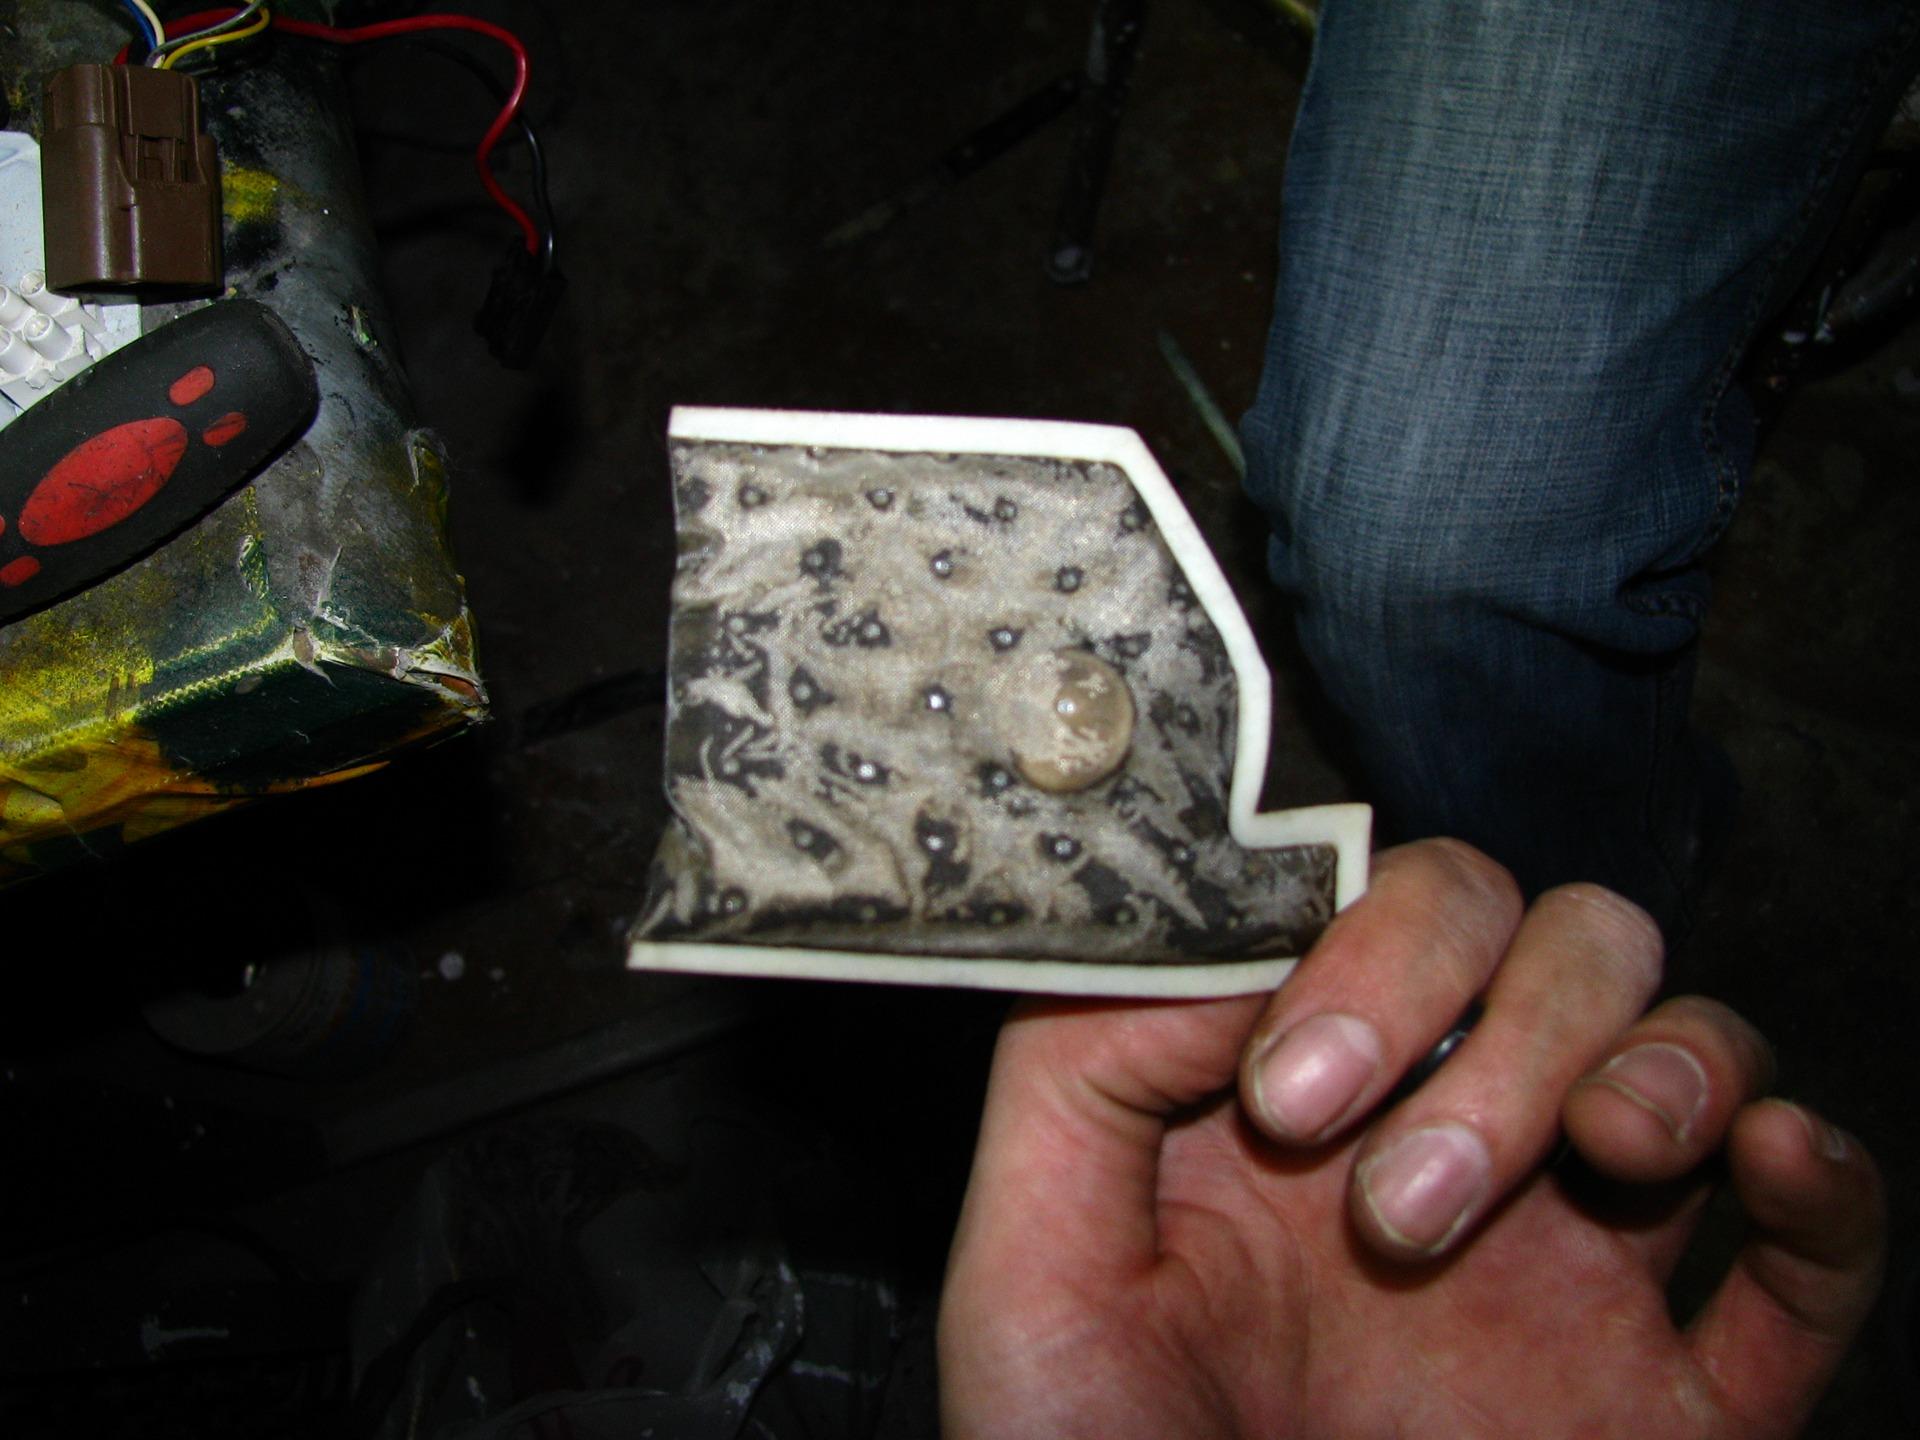 Замена сетки бензонасоса на ваз 2113, ваз